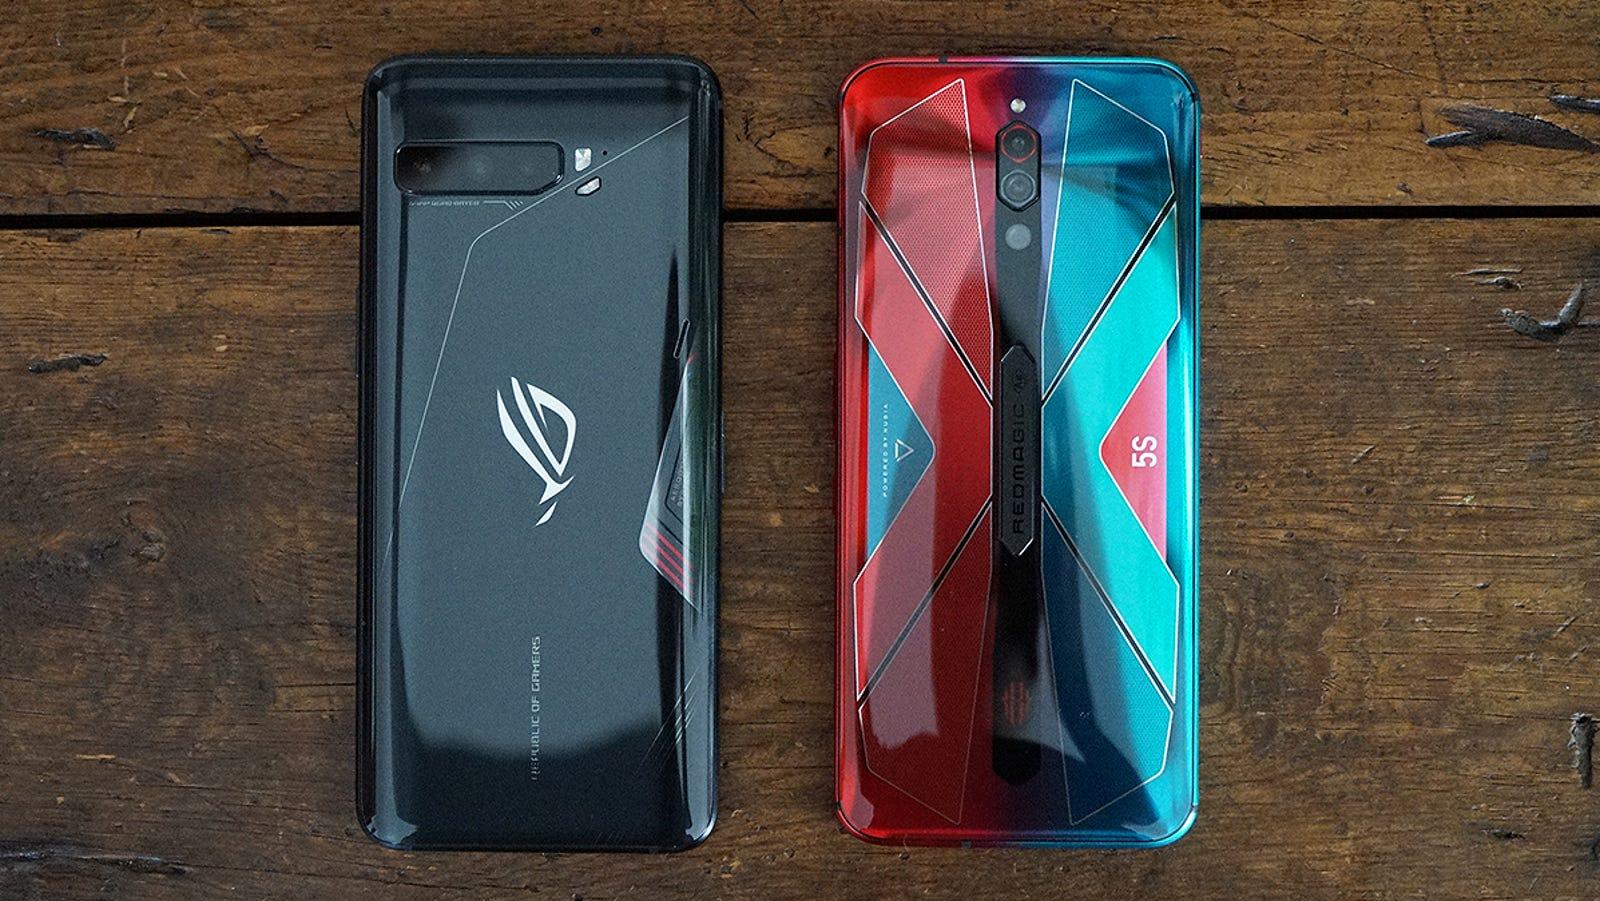 El ZTE Nubia RedMagic 5S, comparado con el Asus ROG Phone 3